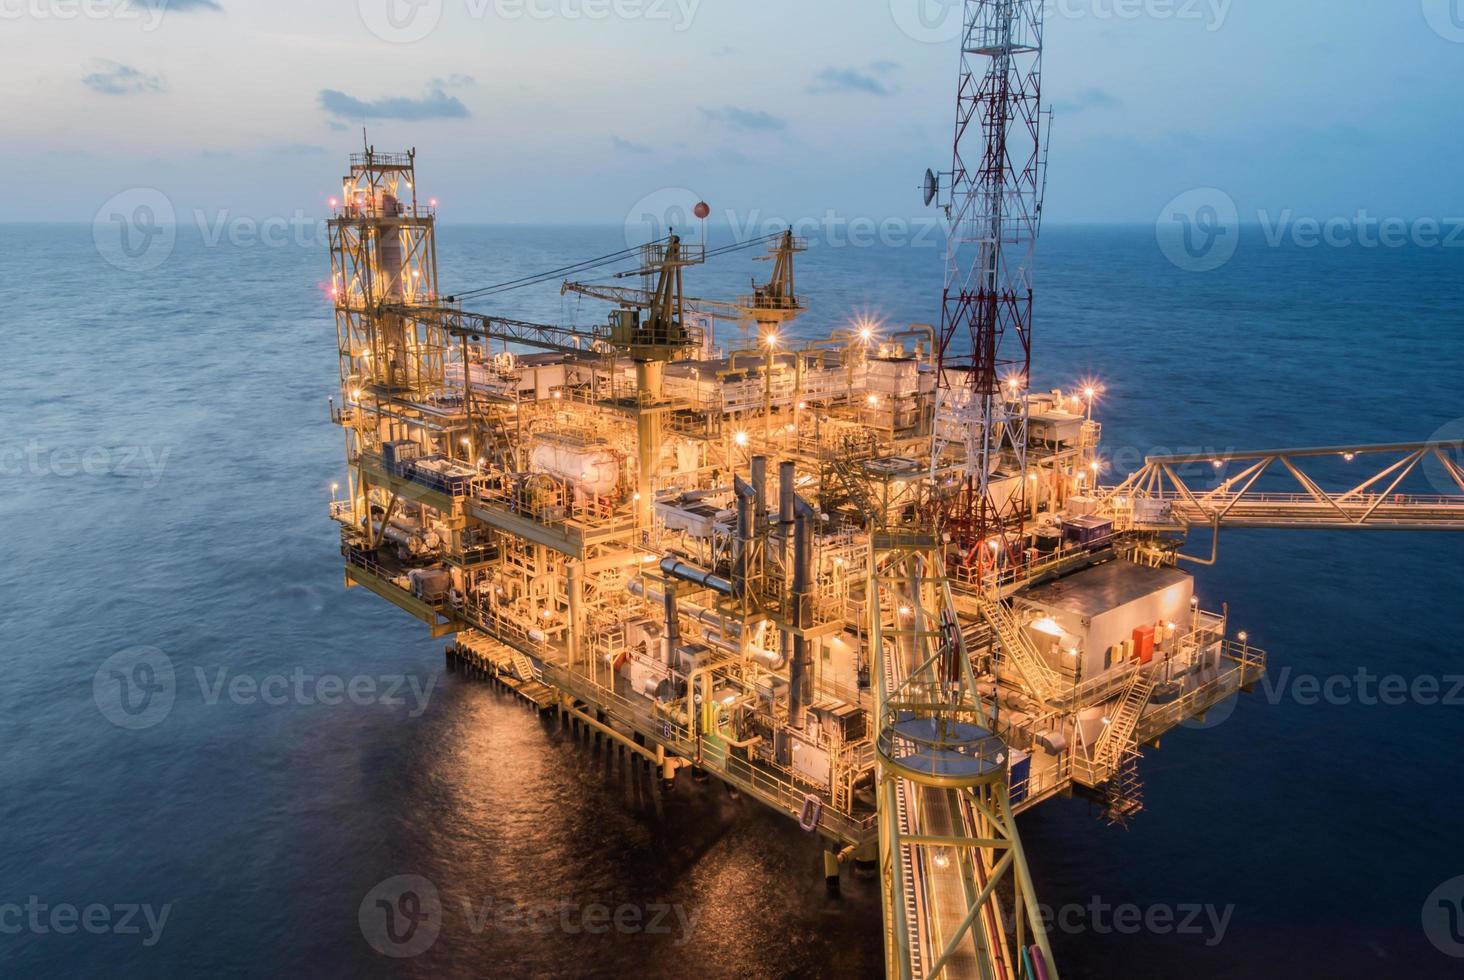 Ölförderplattform auf dem Meer foto